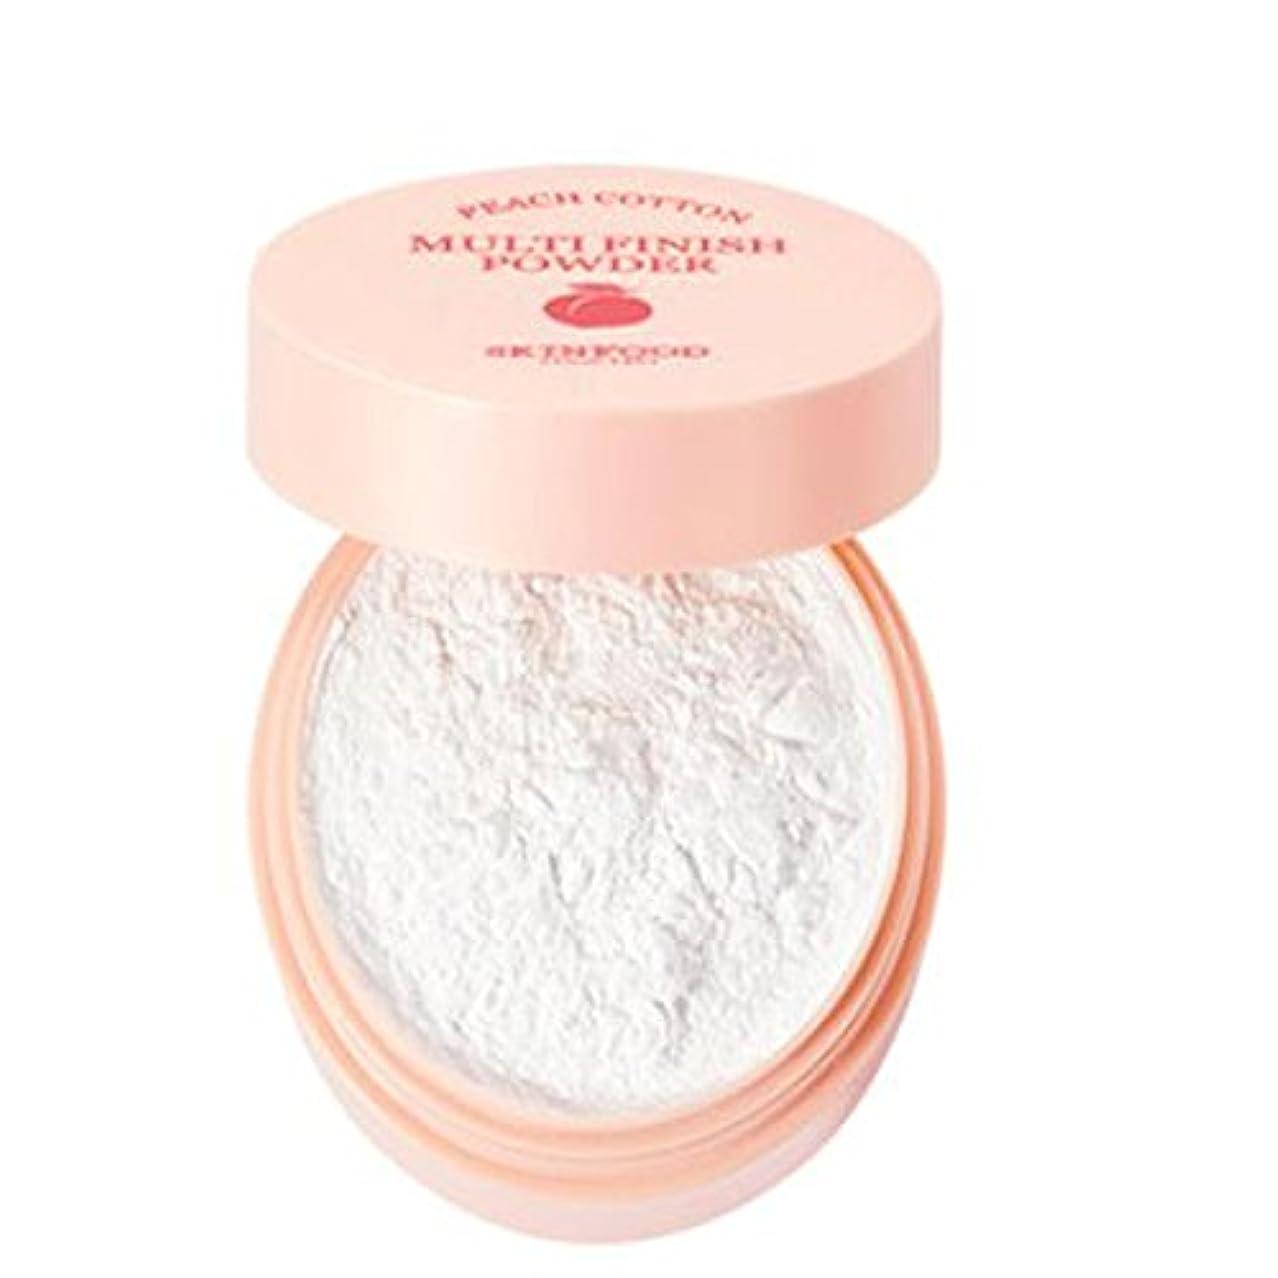 増幅ラッチたとえ[SKINFOOD] Peach Cotton Multi Finish Powder ピッチサラッとマルチフィニッシュパウダー - 5g